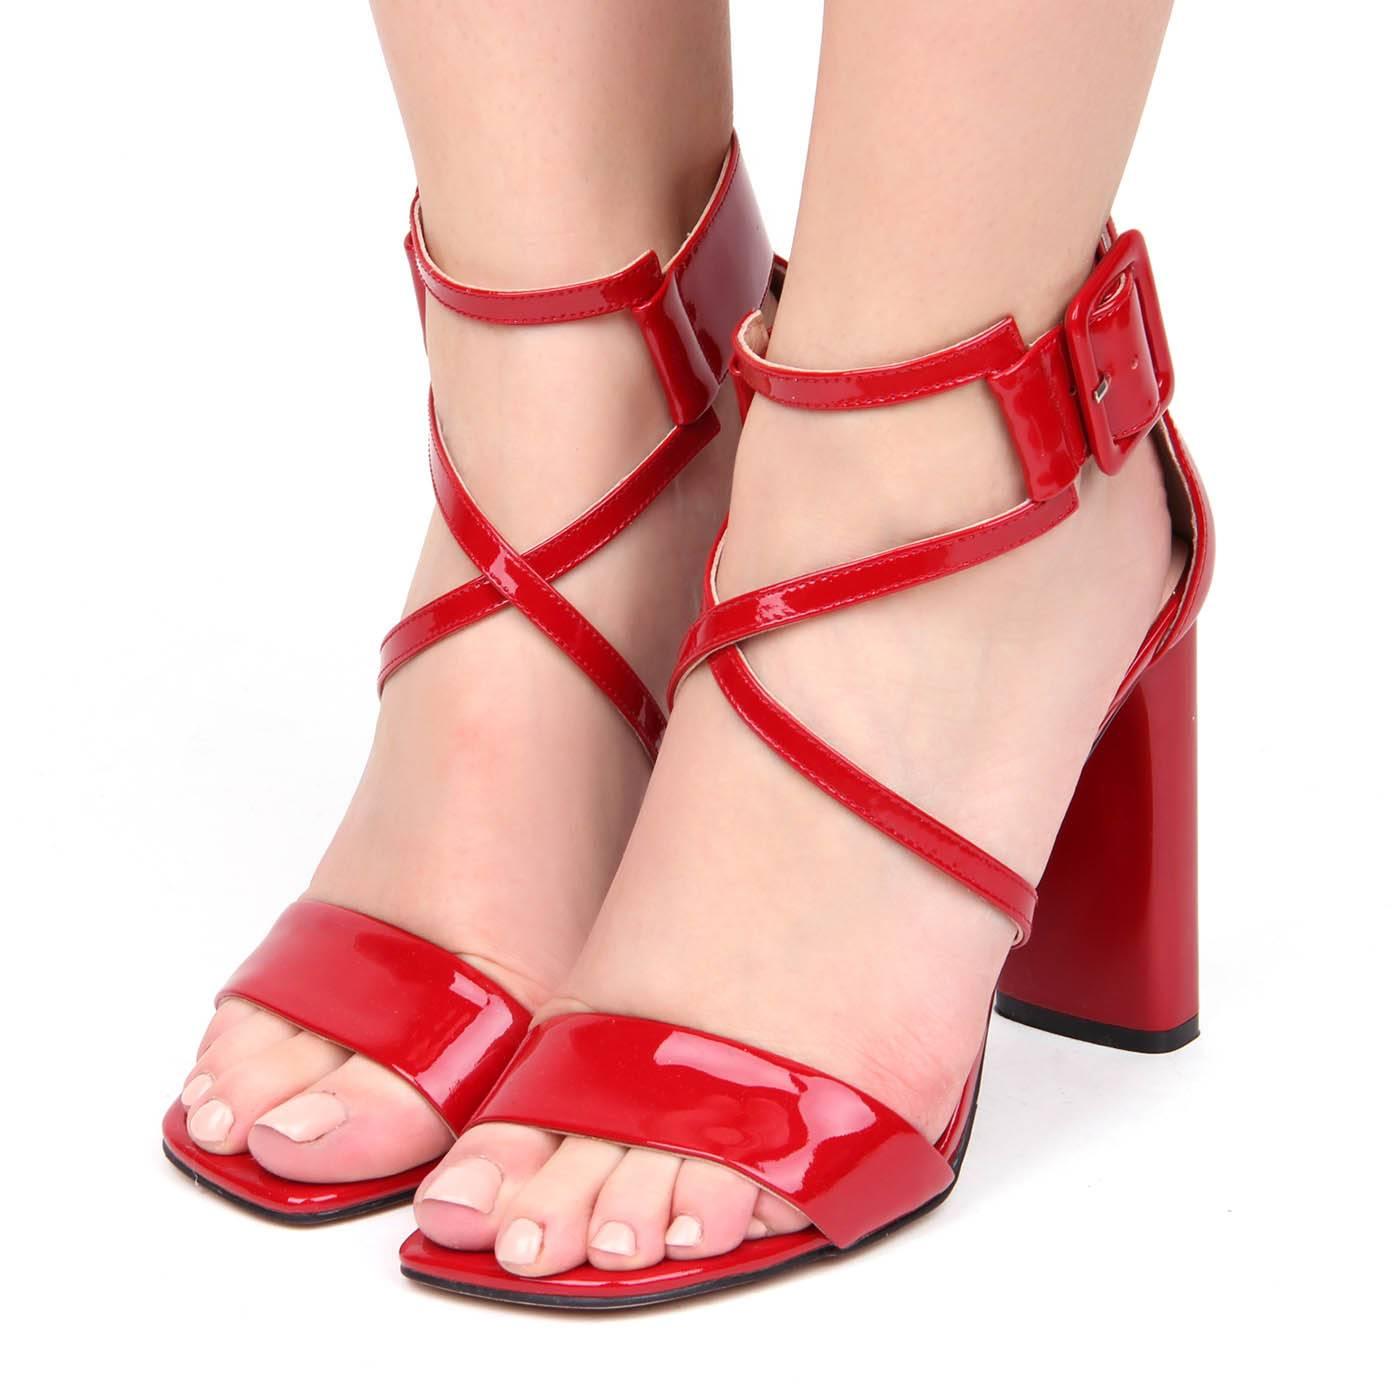 Босоніжки жіночі Basconi 7423 Червоний купить по выгодной цене в ... 870705857ffbb